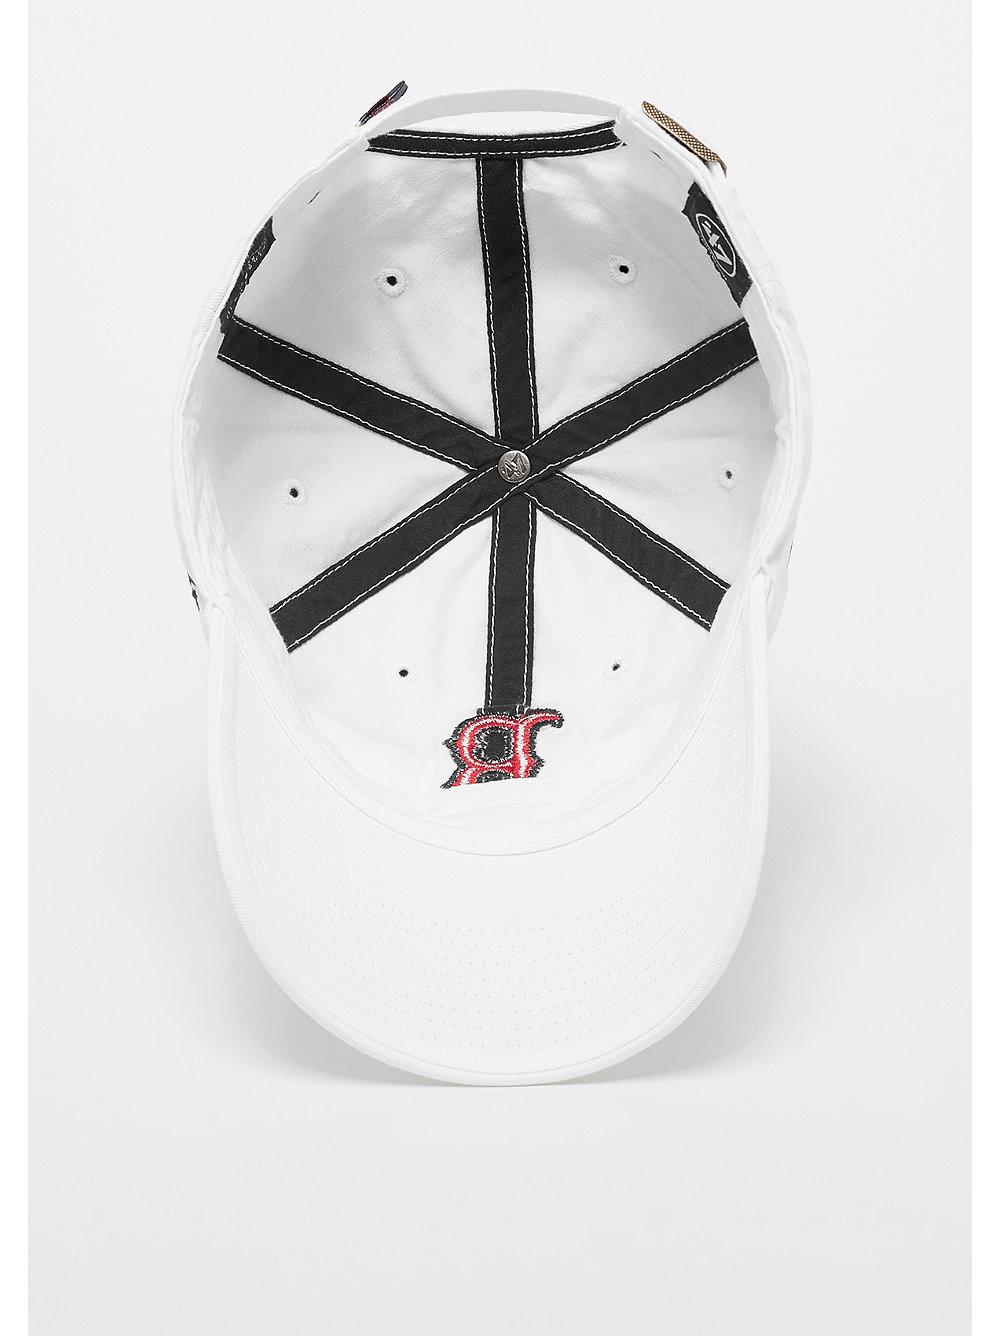 Compra 47 Brand MLB Boston Red Sox  47 Clean Up white Gorras de Baseball en  SNIPES 5a826ce0da0